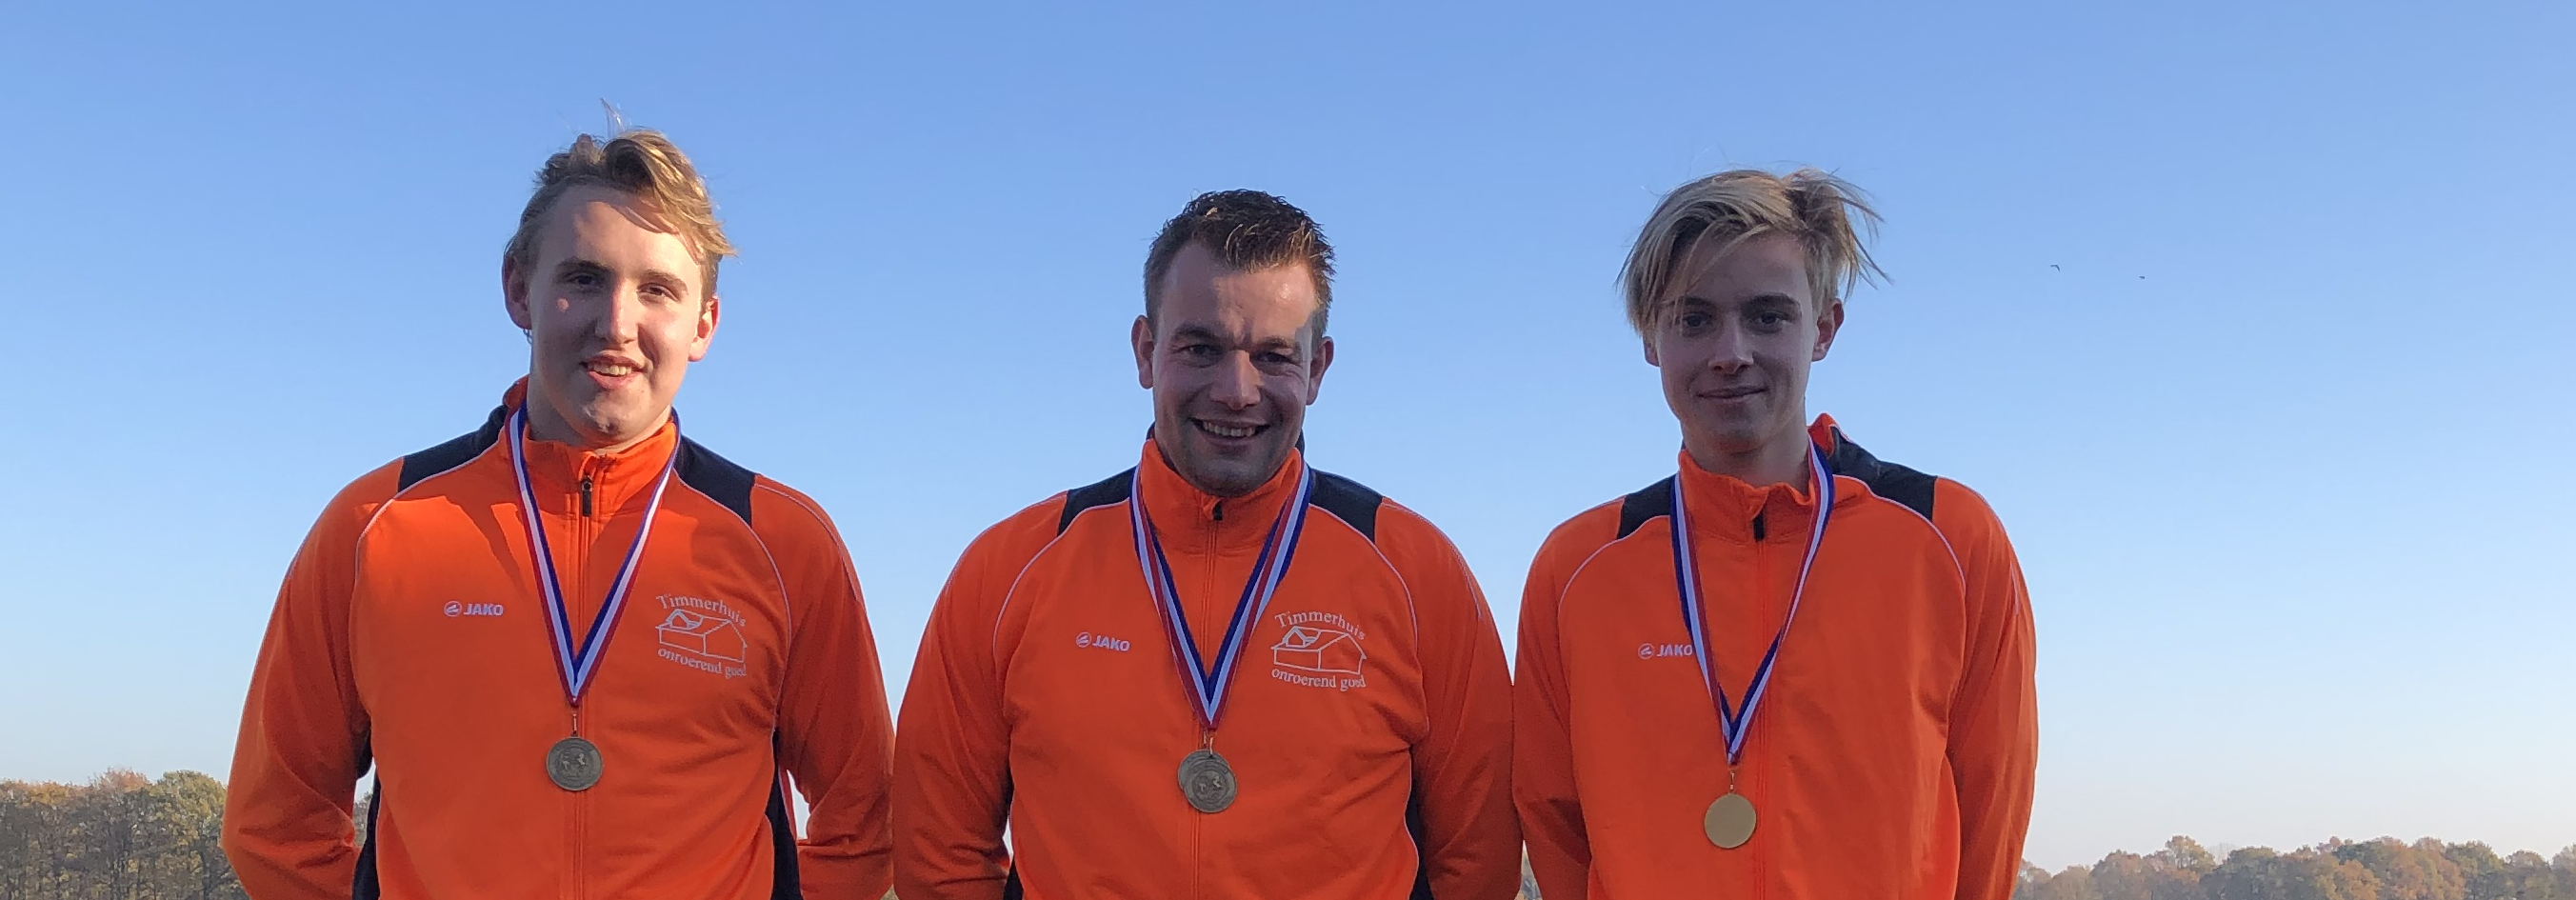 Einduitslagen Grolsch Champions Tour veld & zetten 2018